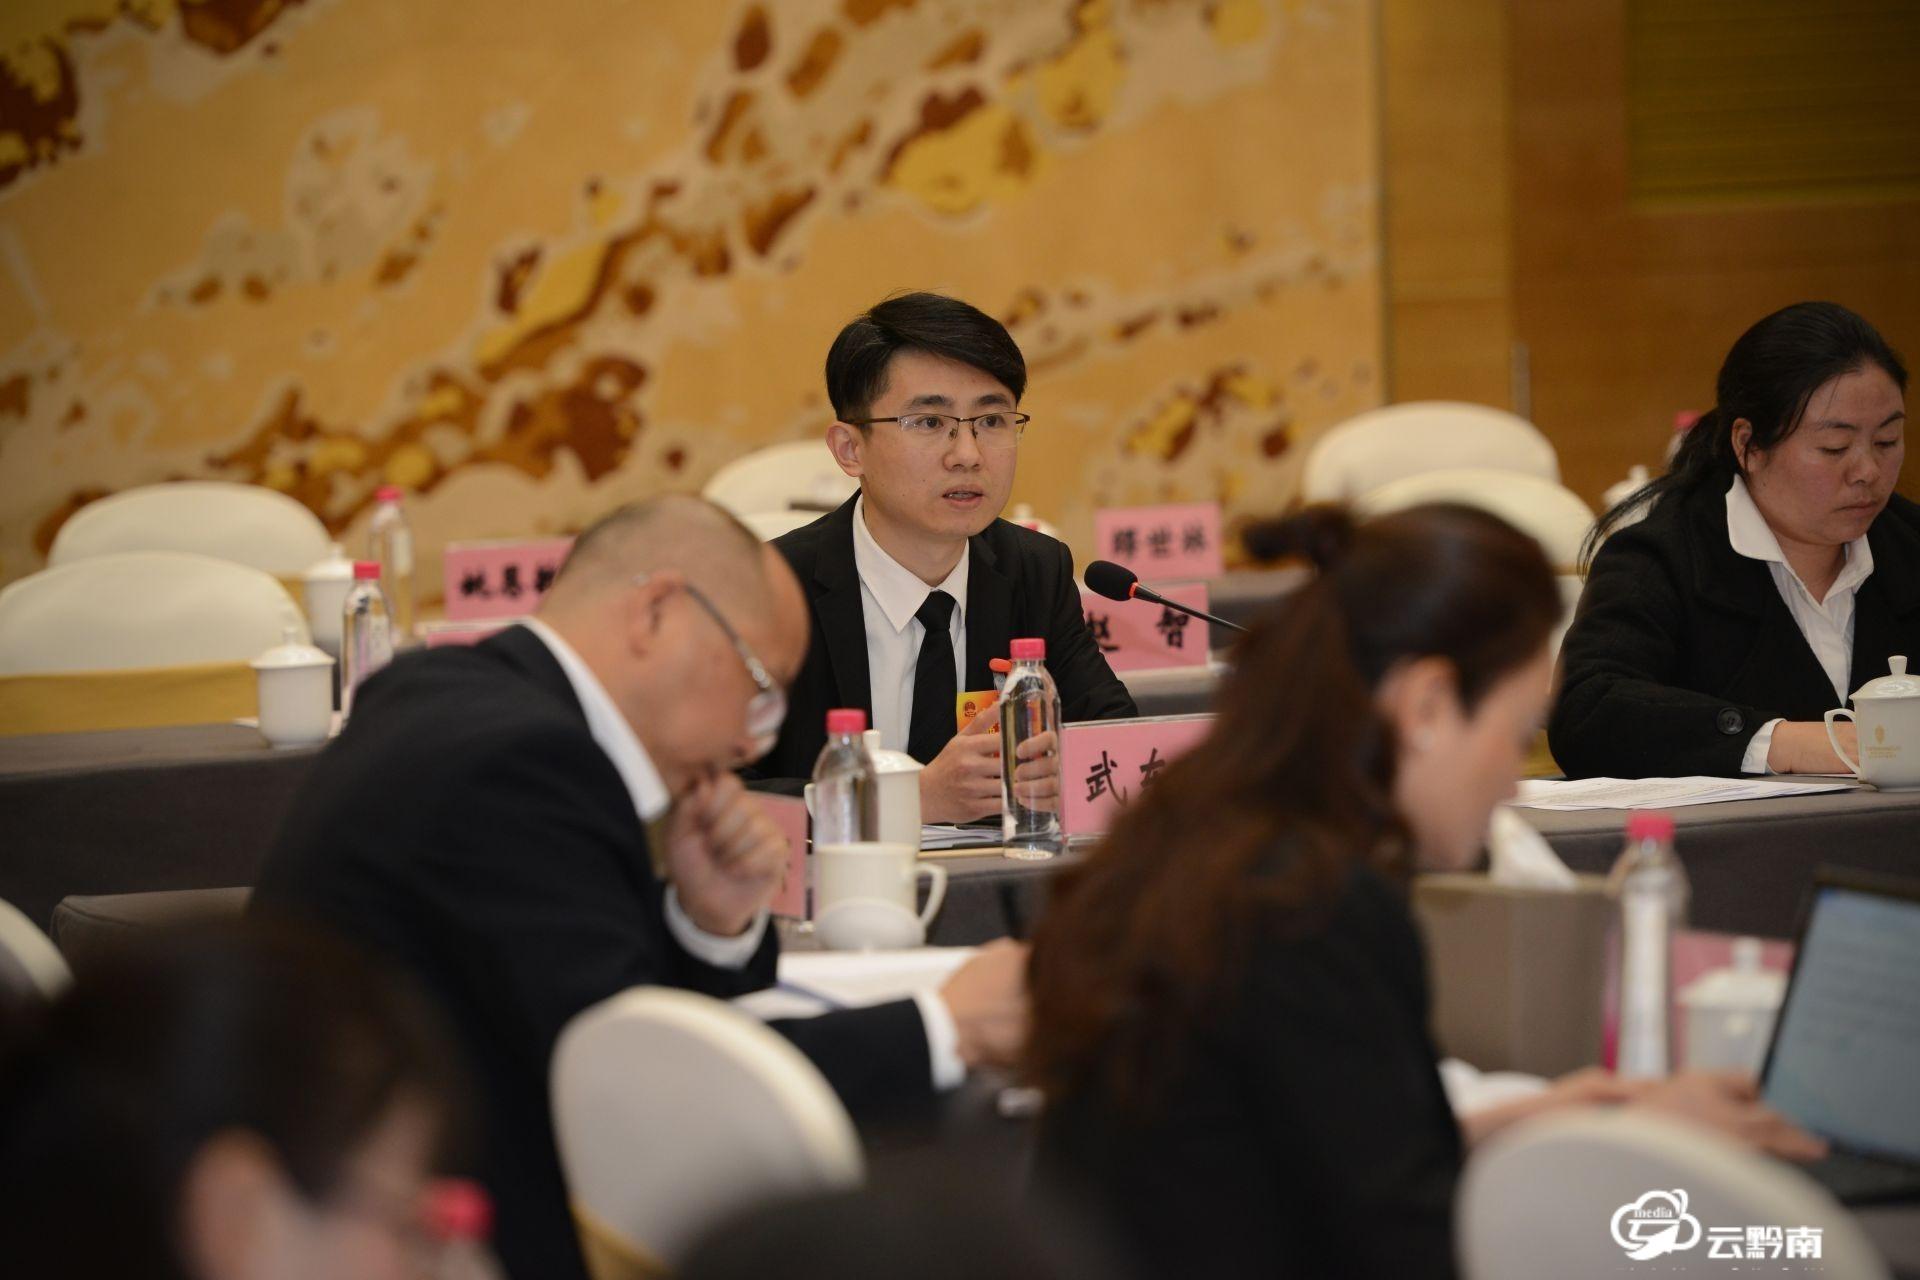 上下同心谋发展——黔南州十四届人大六次会议代表审议政府工作报告侧记